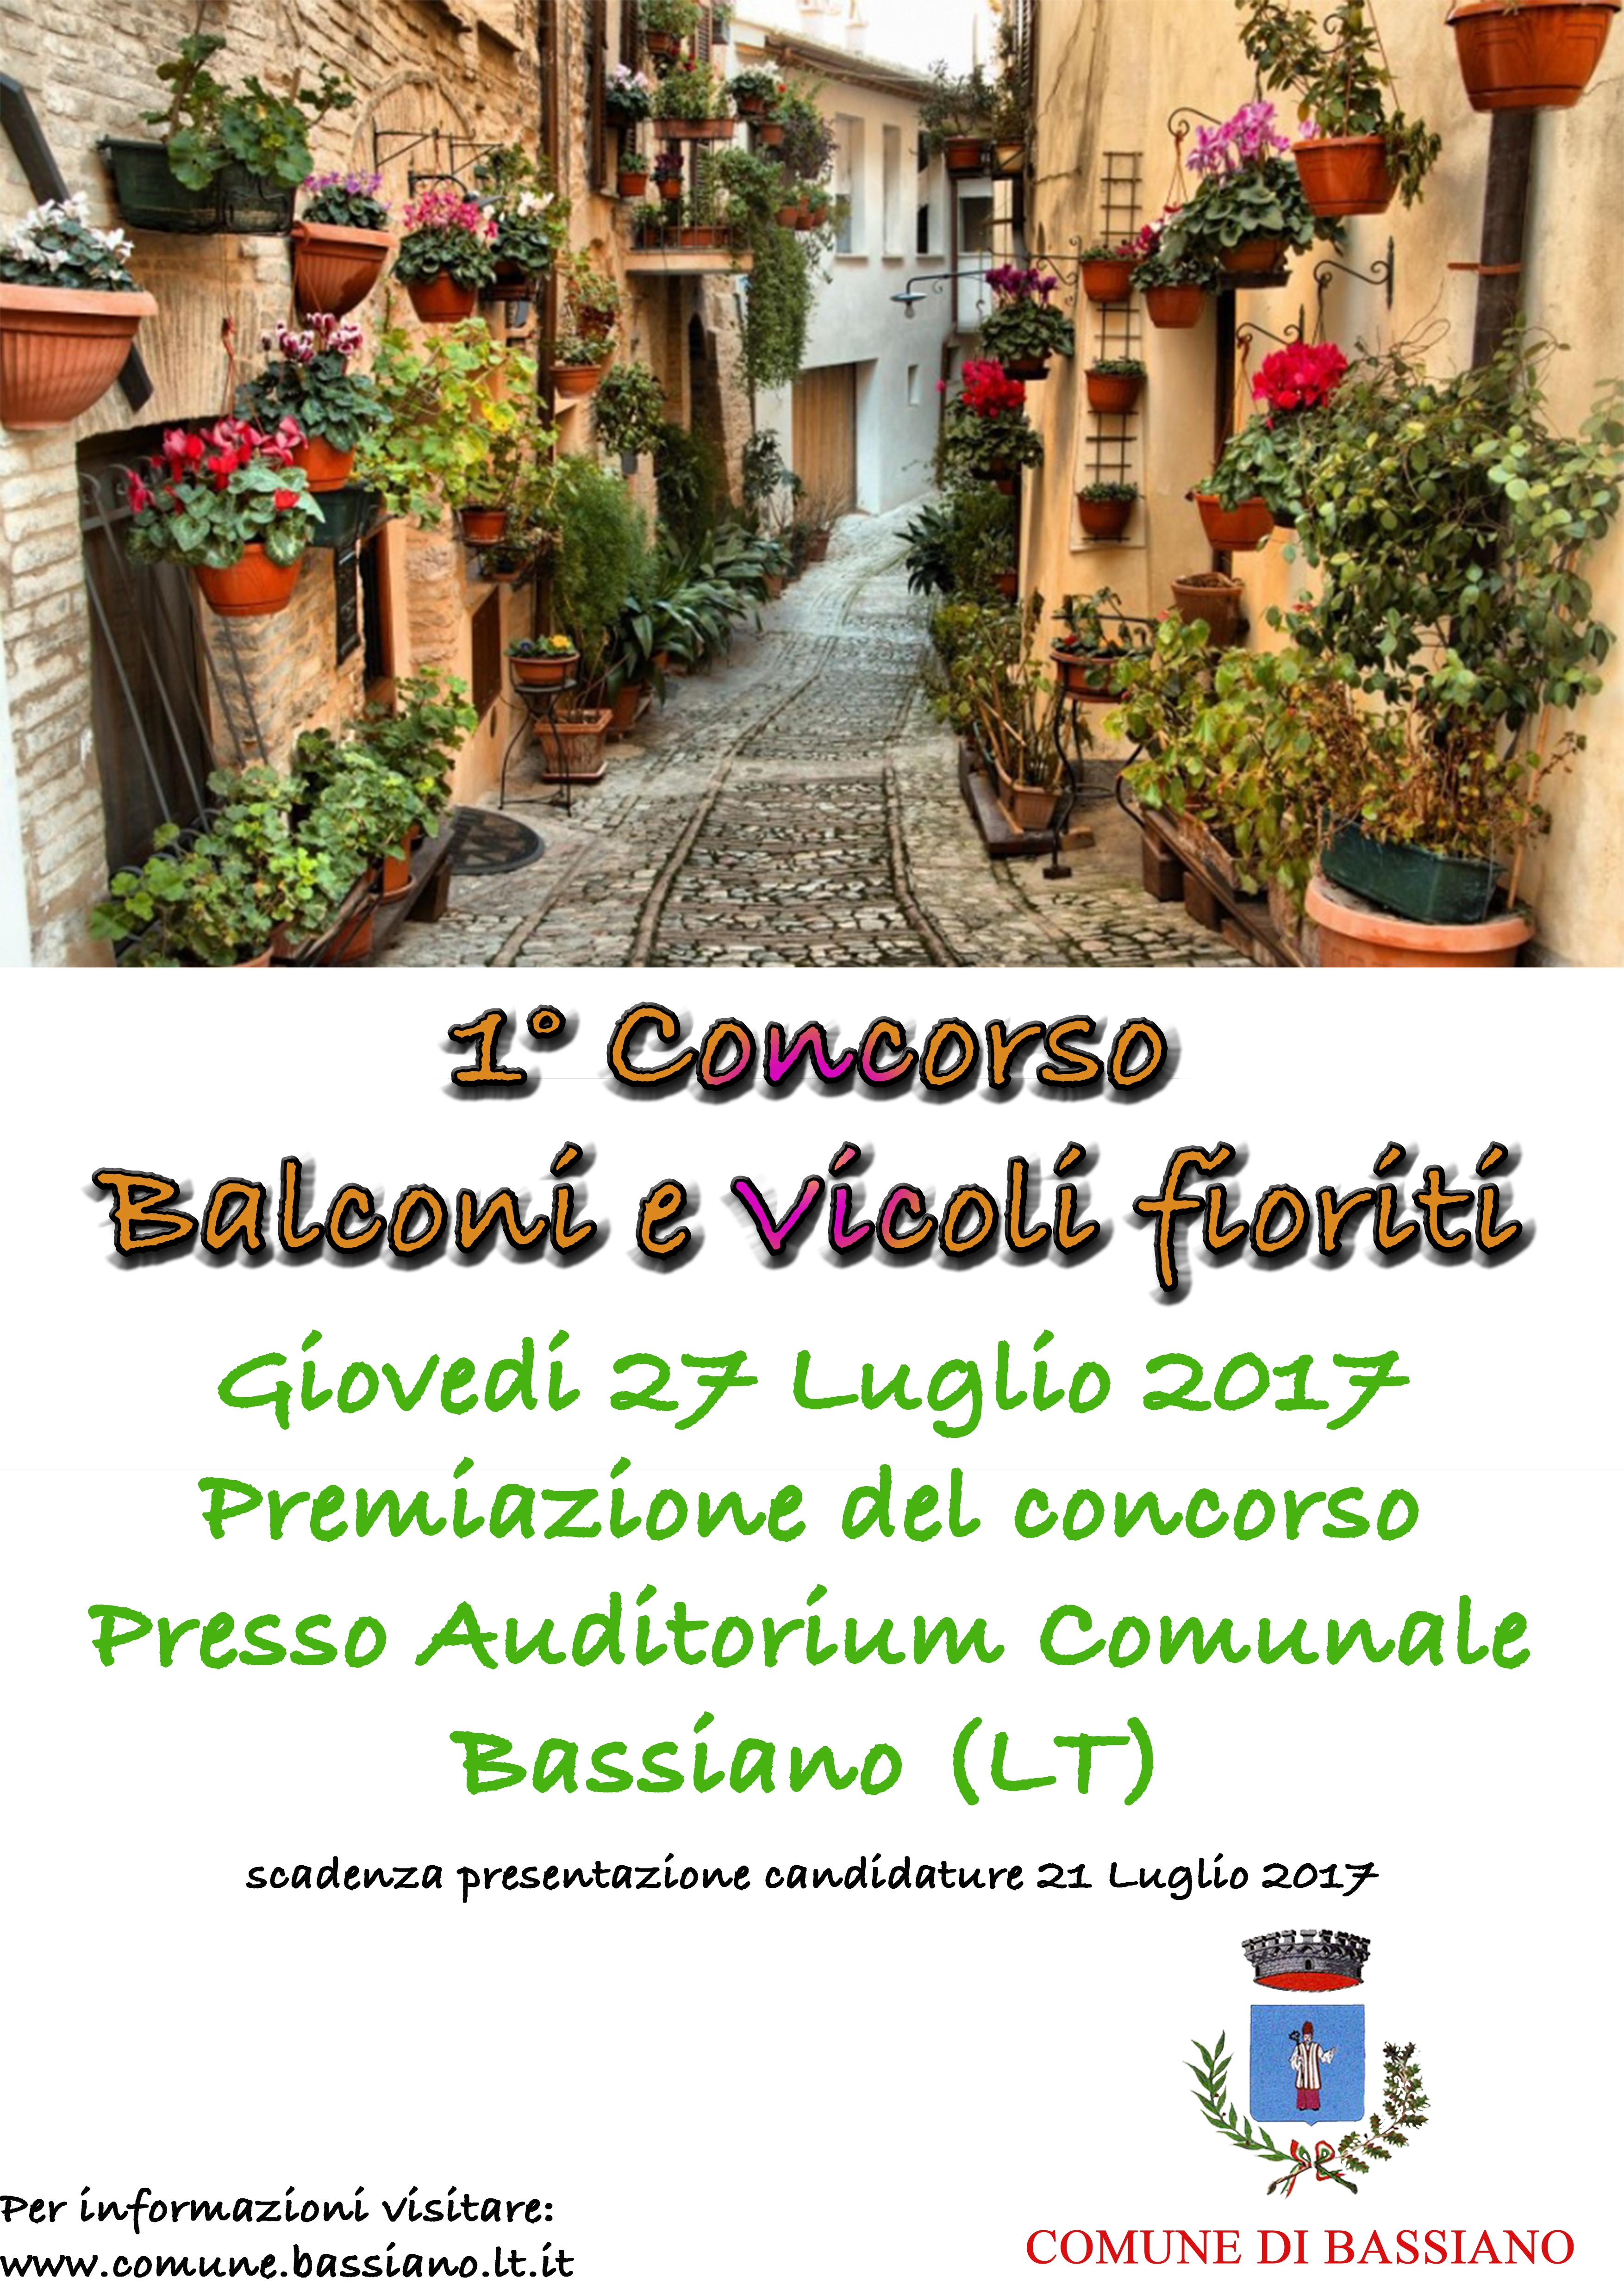 CONCORSO BASSIANO IN FIORE  - 1^ Edizione 2017.